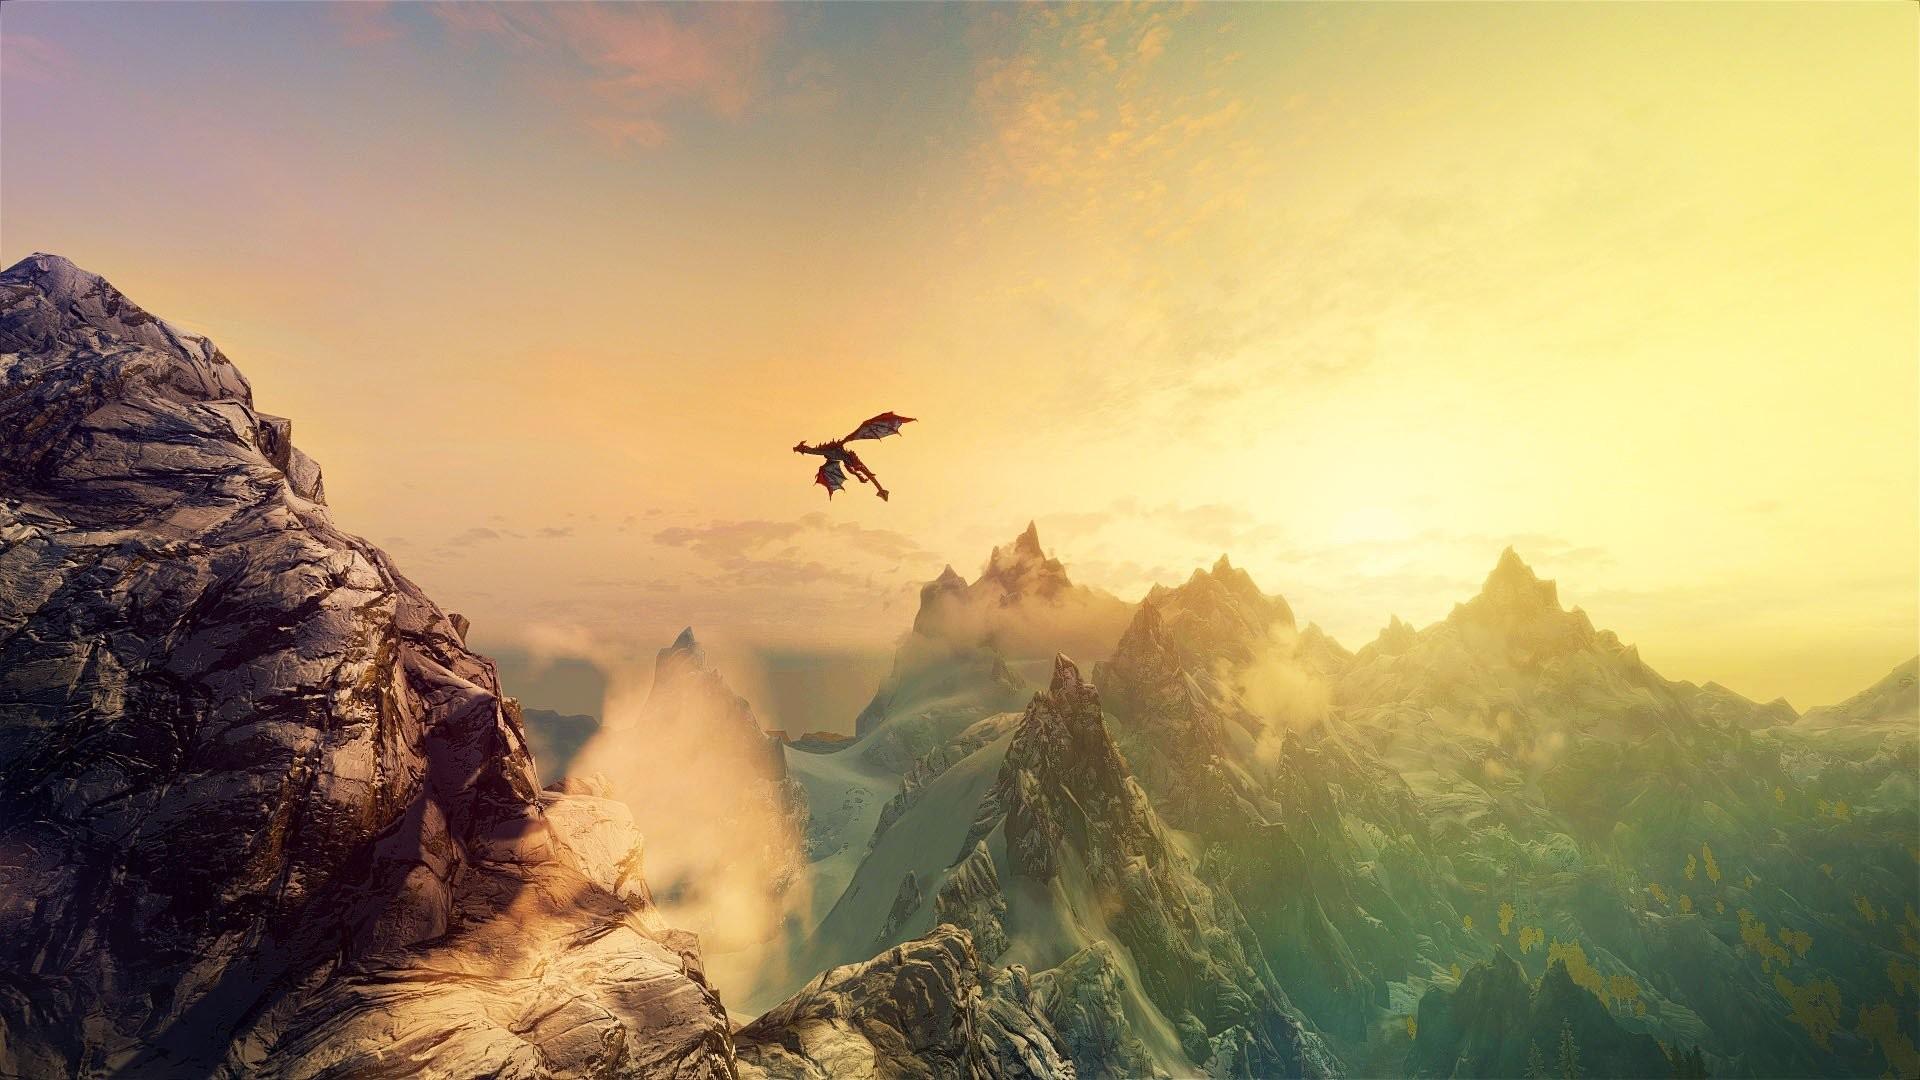 Mountains dragons fantasy art The Elder Scrolls V: Skyrim wallpaper      264540  